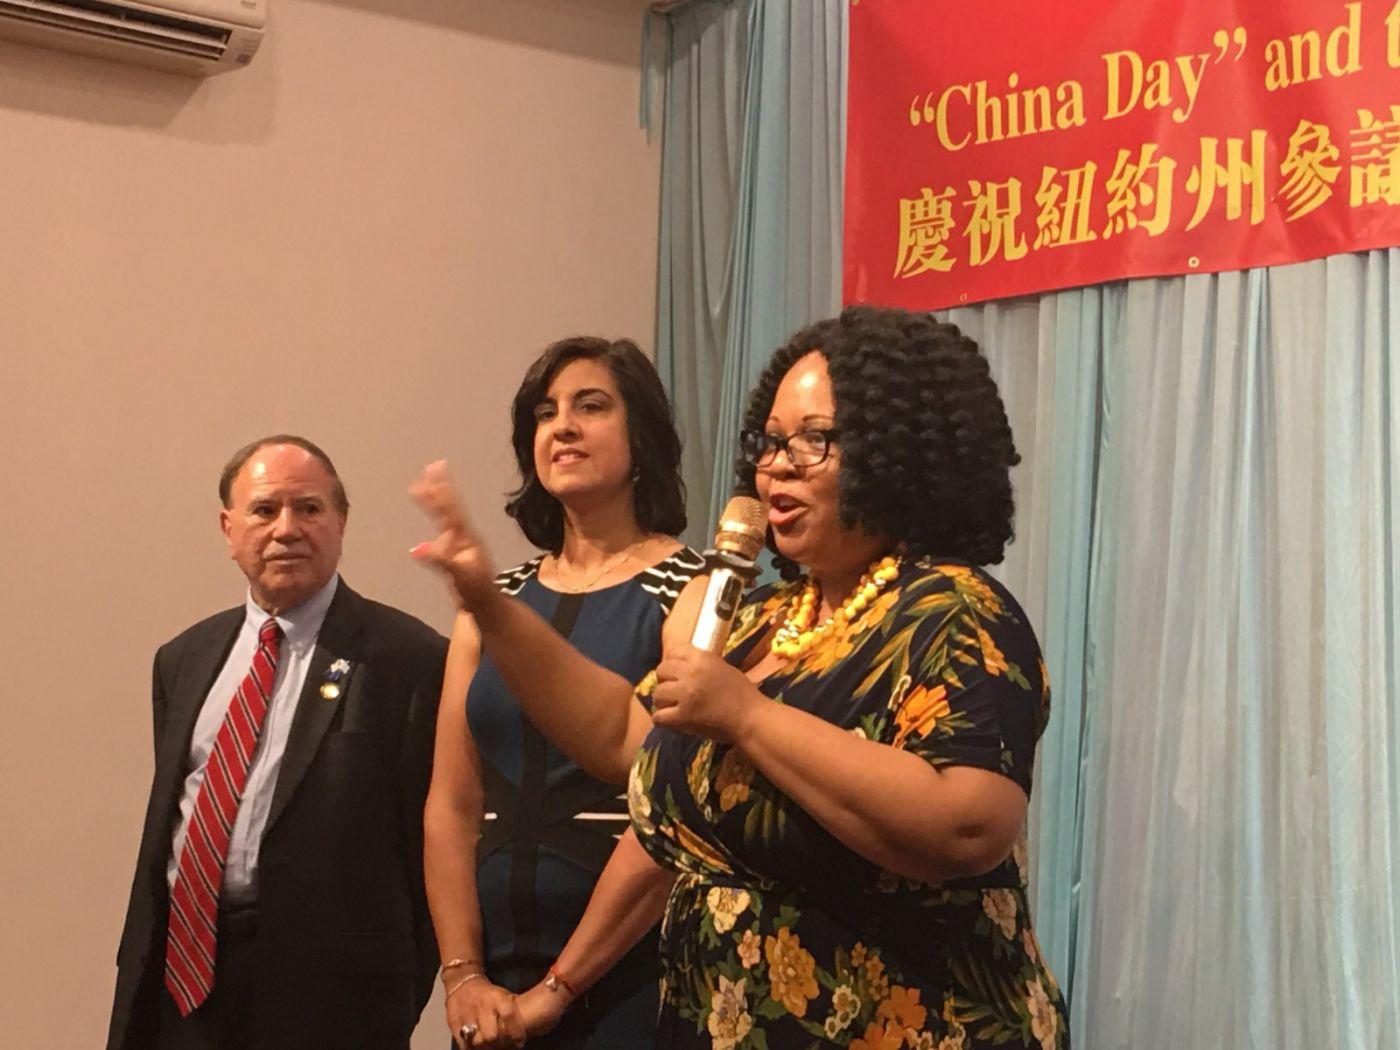 紐約州參議院通過「中國日」決議案慶祝会在紐約舉行_图1-18